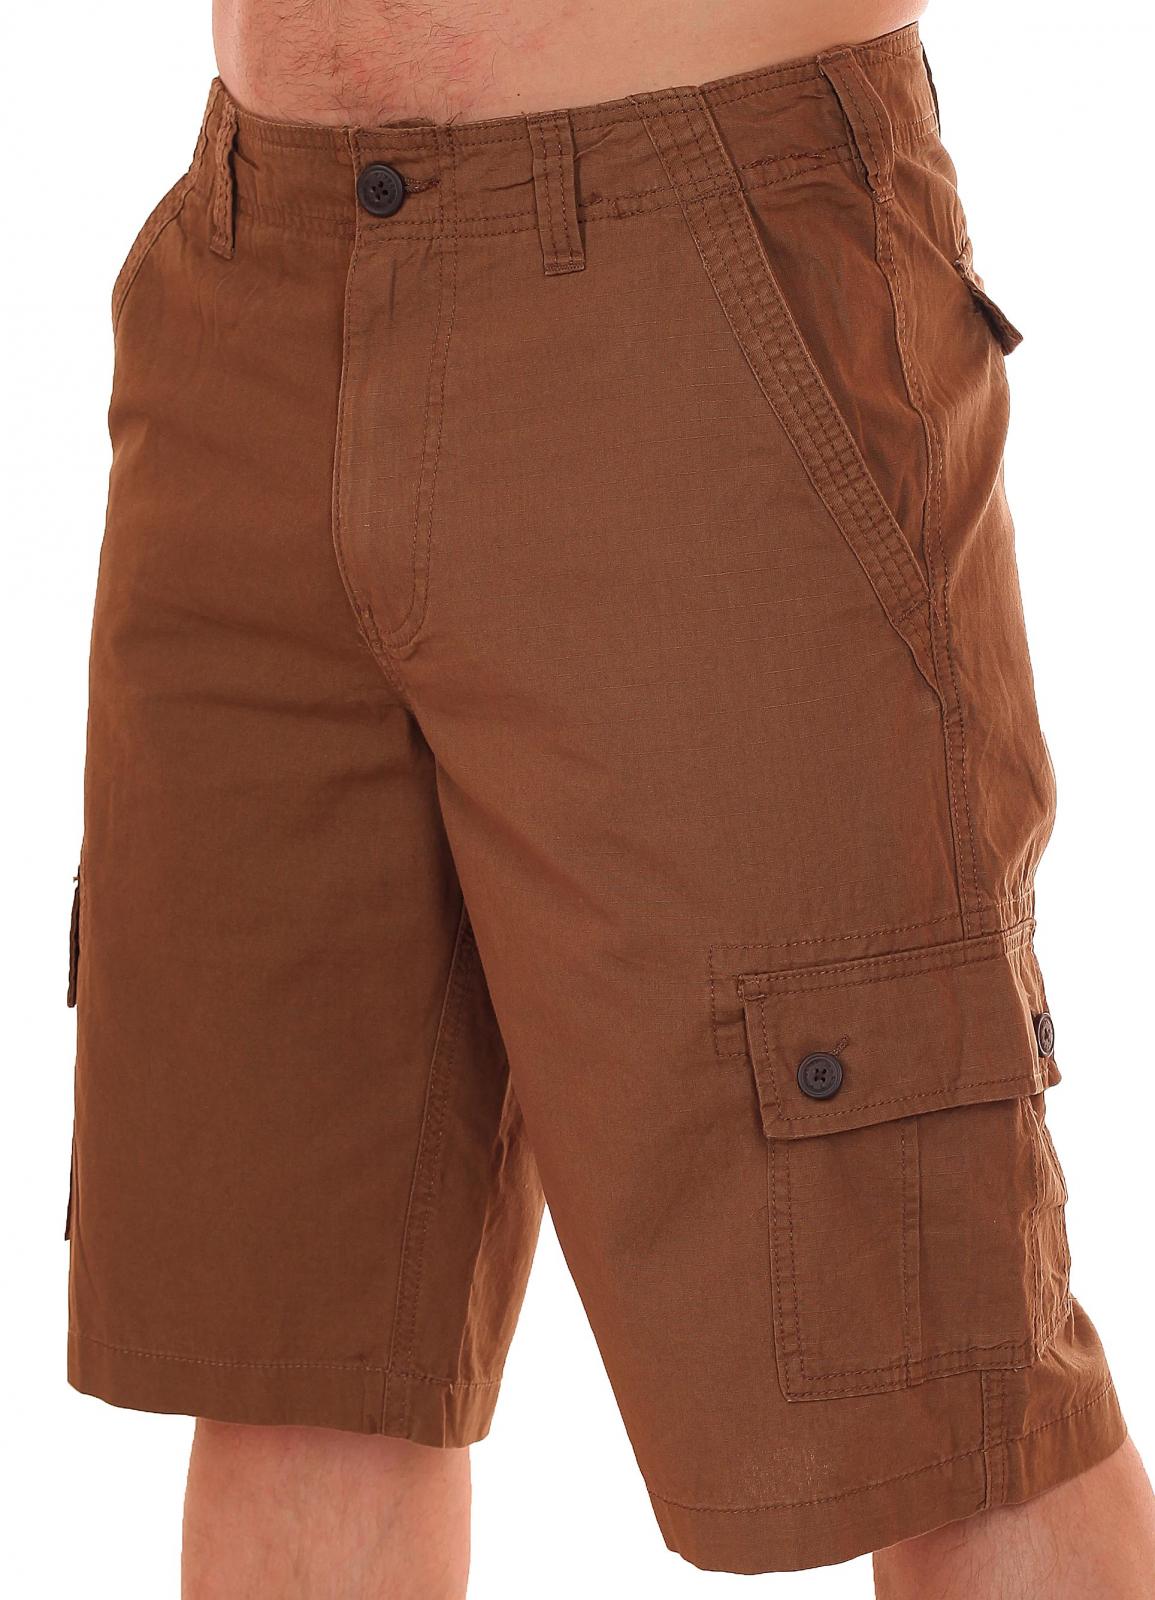 Камуфляжные укороченные брюки для военных